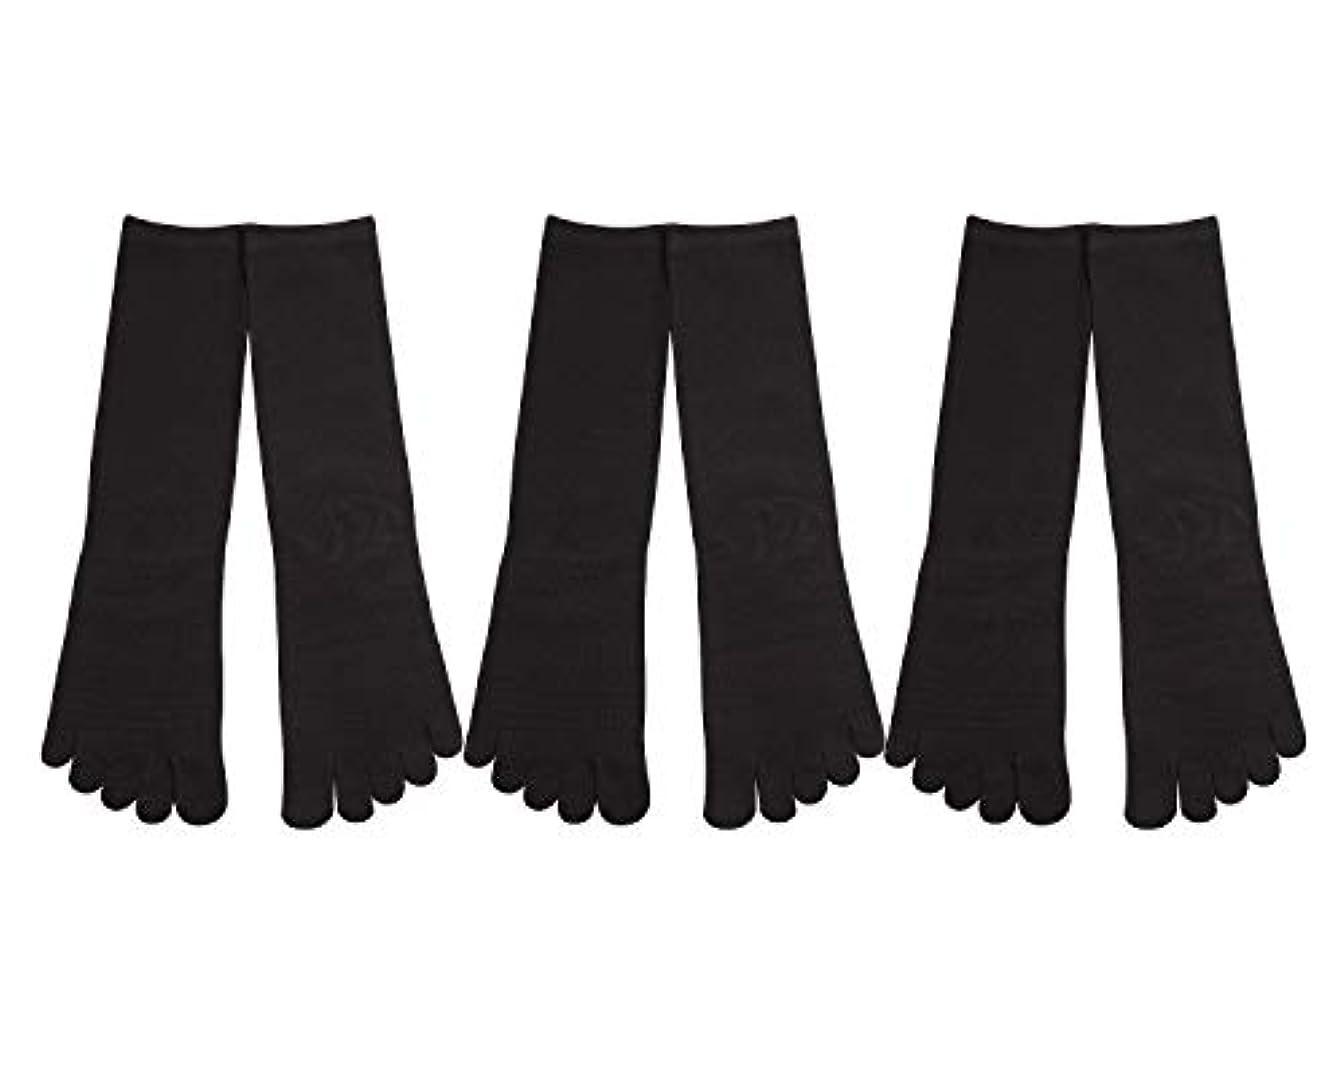 どきどき残忍な解釈的Deol(デオル) 5本指 靴下 男性用 黒 3足セット 25cm-27cm メンズ [足のニオイ対策] 長時間消臭 日本製 靴下